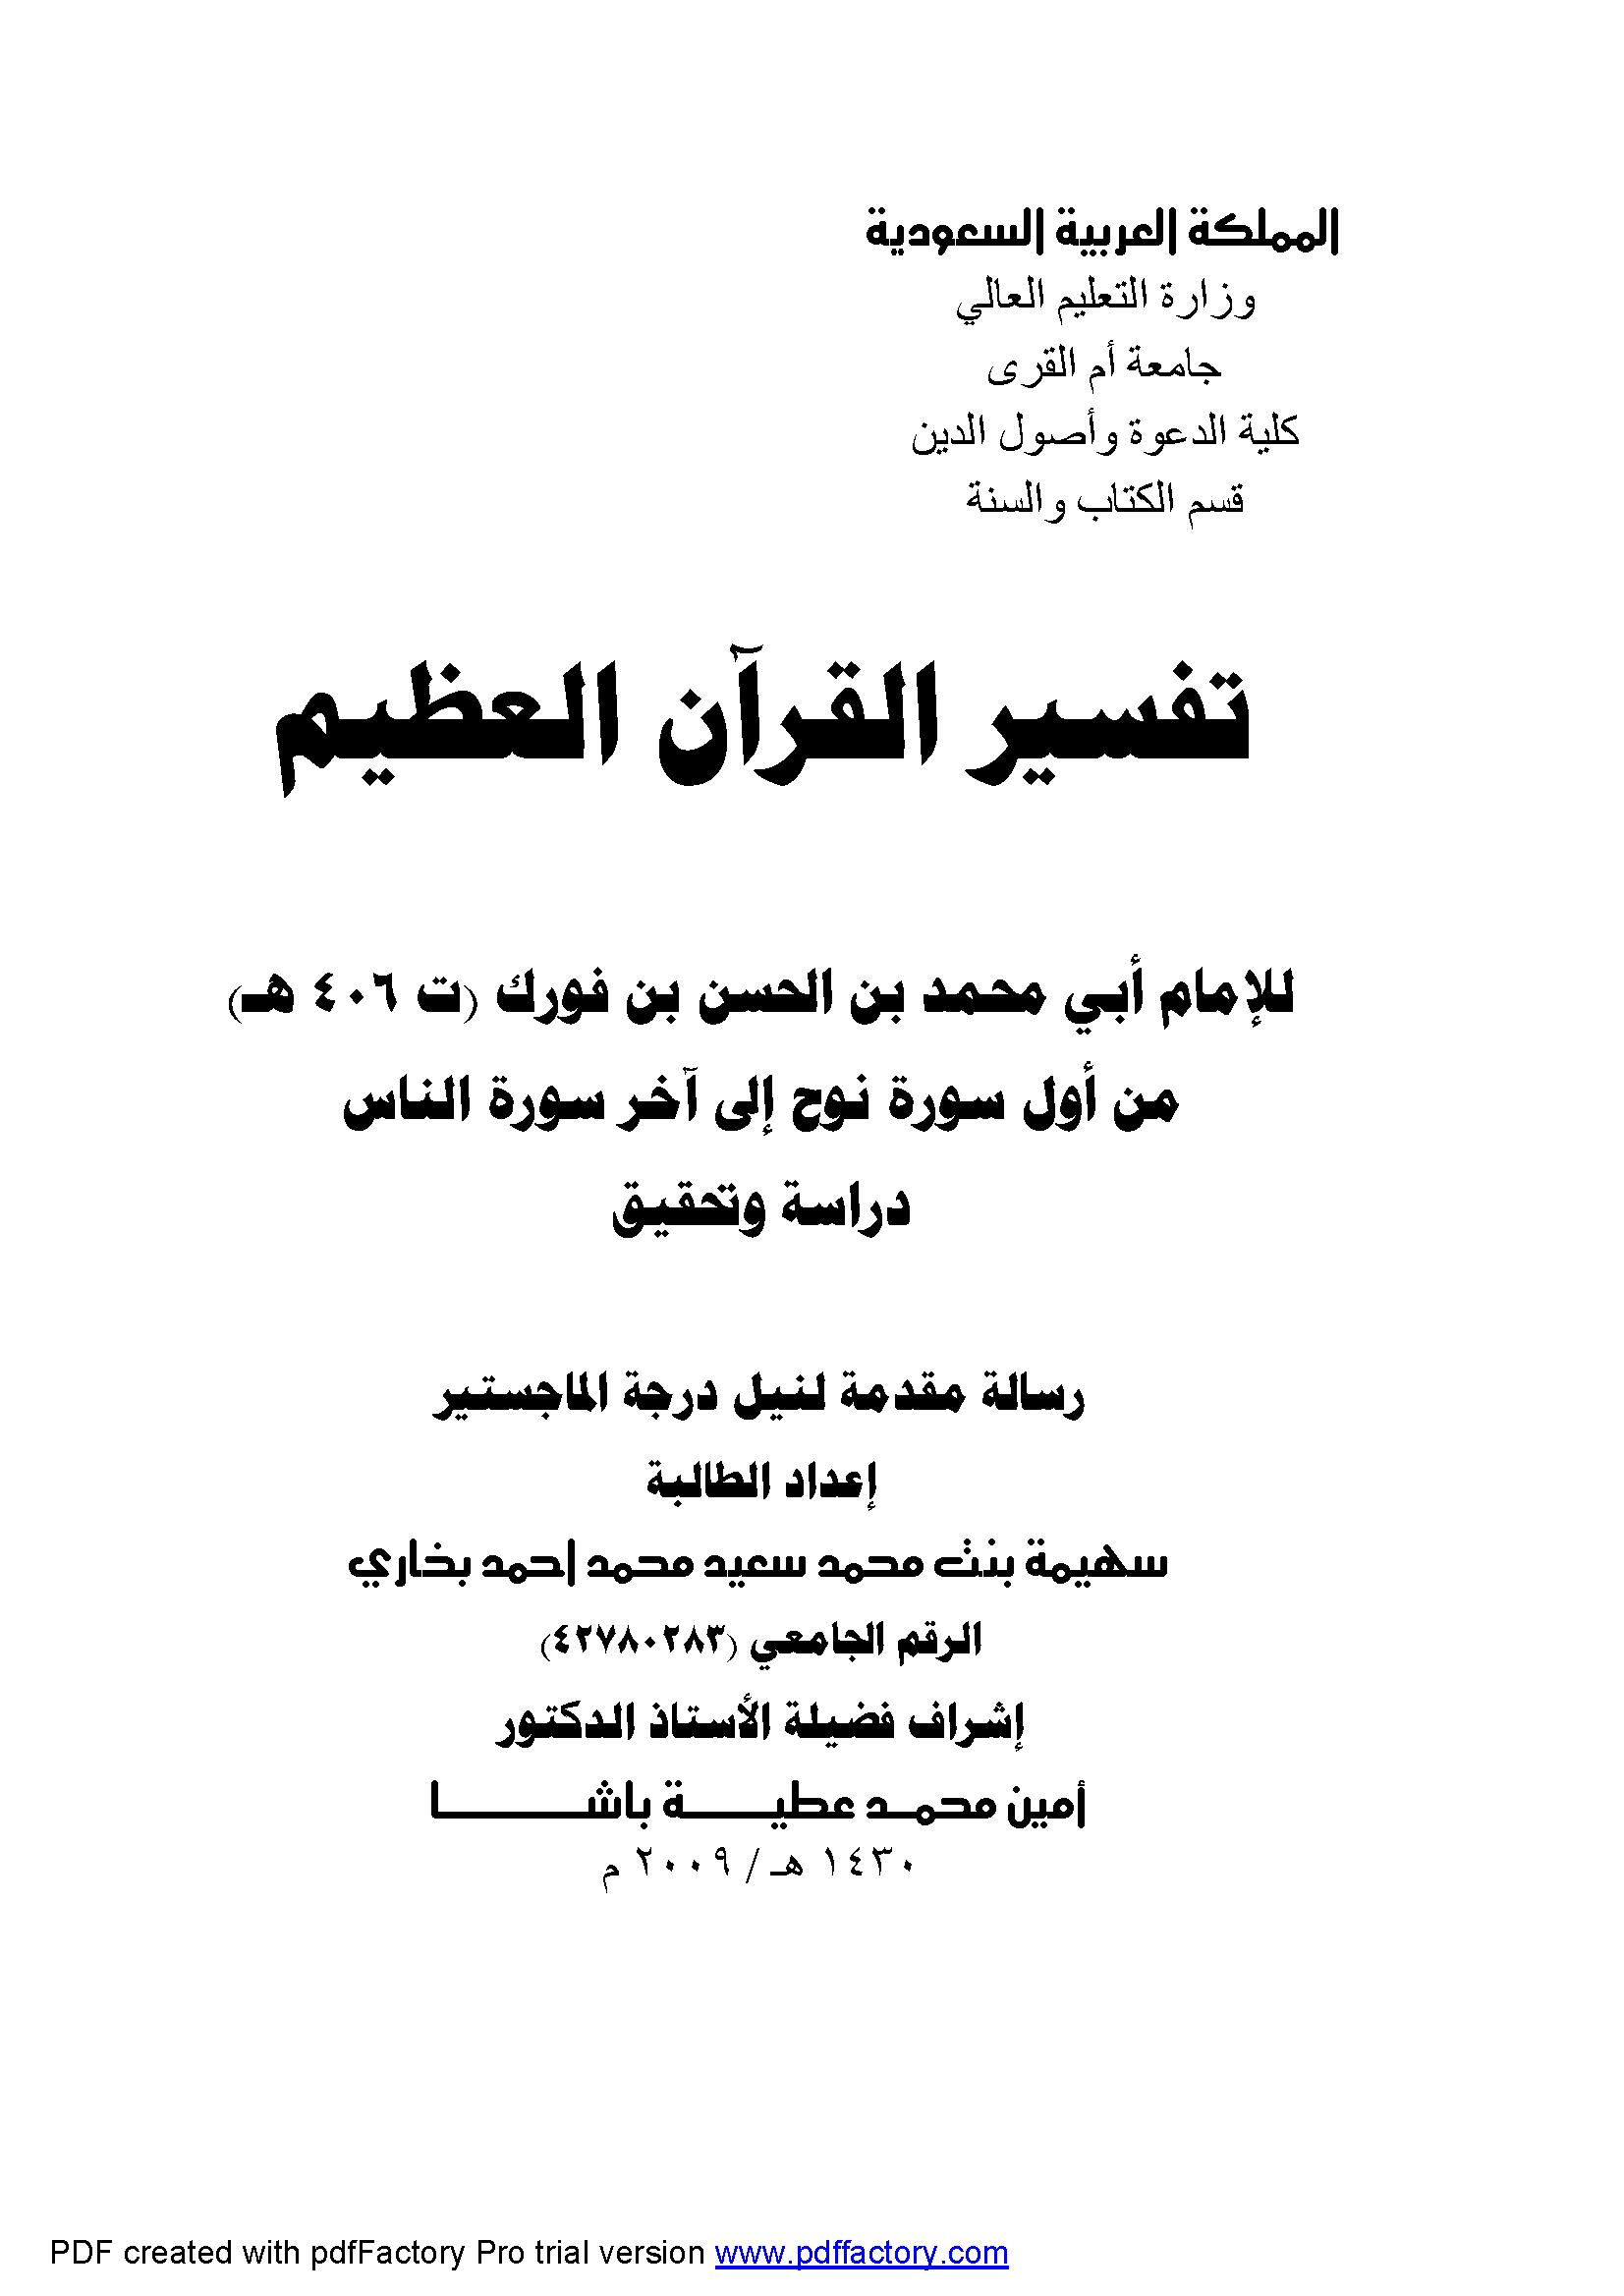 تحميل كتاب تفسير القرآن العظيم (من أول سورة نوح إلى آخر سورة الناس) لـِ: الإمام أبو بكر محمد بن الحسن بن فُورَك الأنصاري الأصبهاني (ت 406)